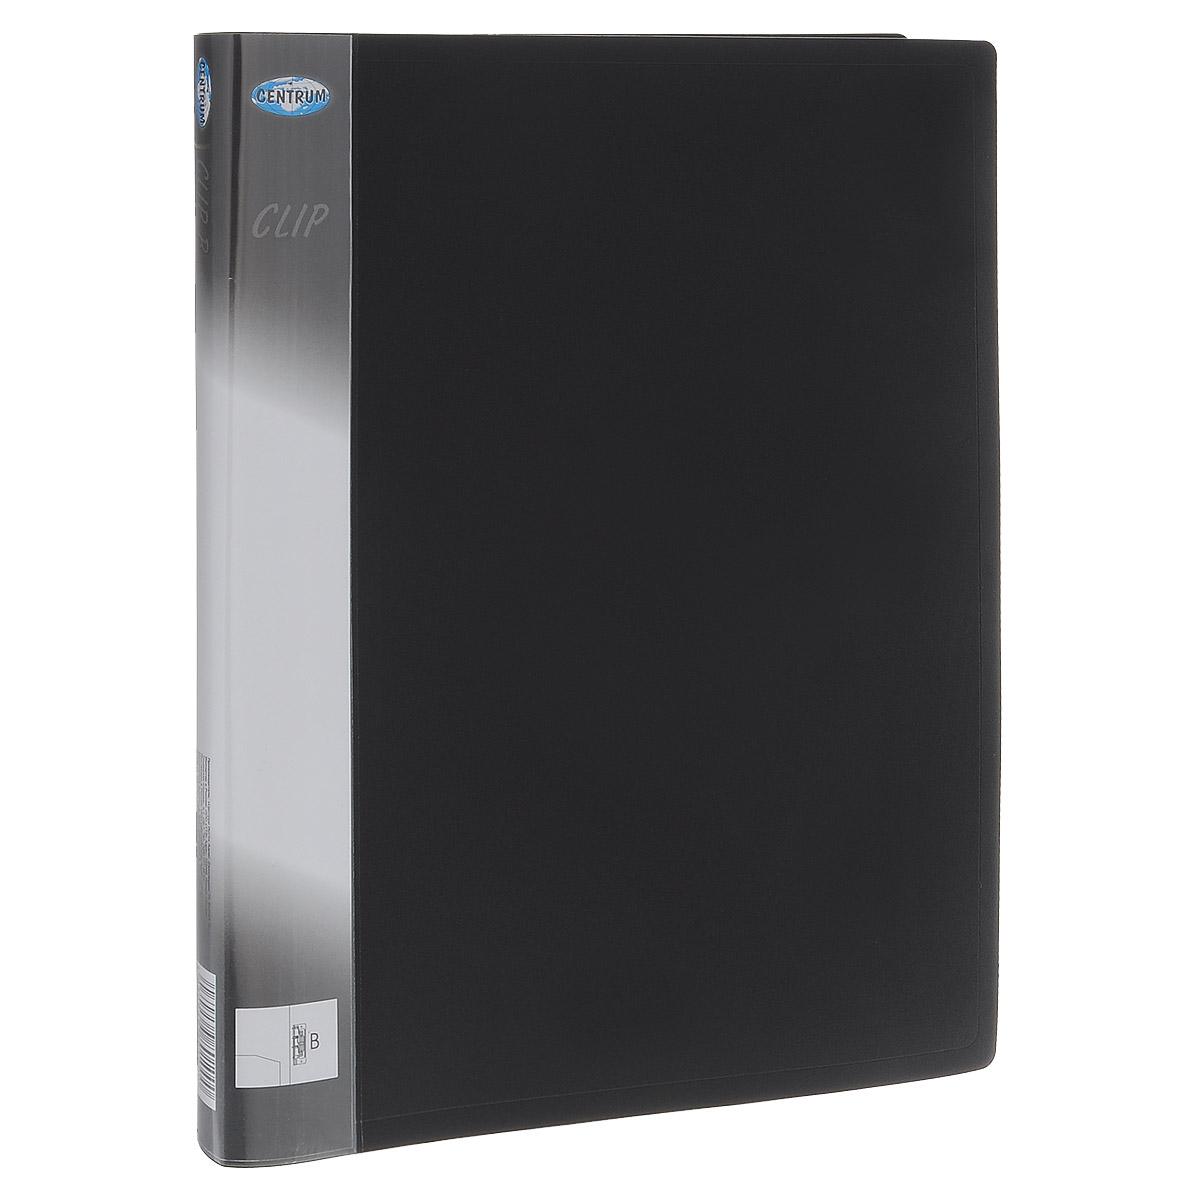 Папка с боковым зажимом Centrum Clip, цвет: черный. Формат А4FS-36054Папка с боковым зажимом Centrum Clip - это удобный и практичный офисный инструмент,предназначенный для хранения и транспортировки рабочих бумаг и документов формата А4.Папка изготовлена из прочного пластика и оснащена металлическим зажимом и внутренним прозрачным кармашком.Папка с боковым зажимом - это незаменимый атрибут для студента, школьника, офисного работника. Такая папка надежно сохранит ваши документы и сбережет их от повреждений, пыли и влаги.